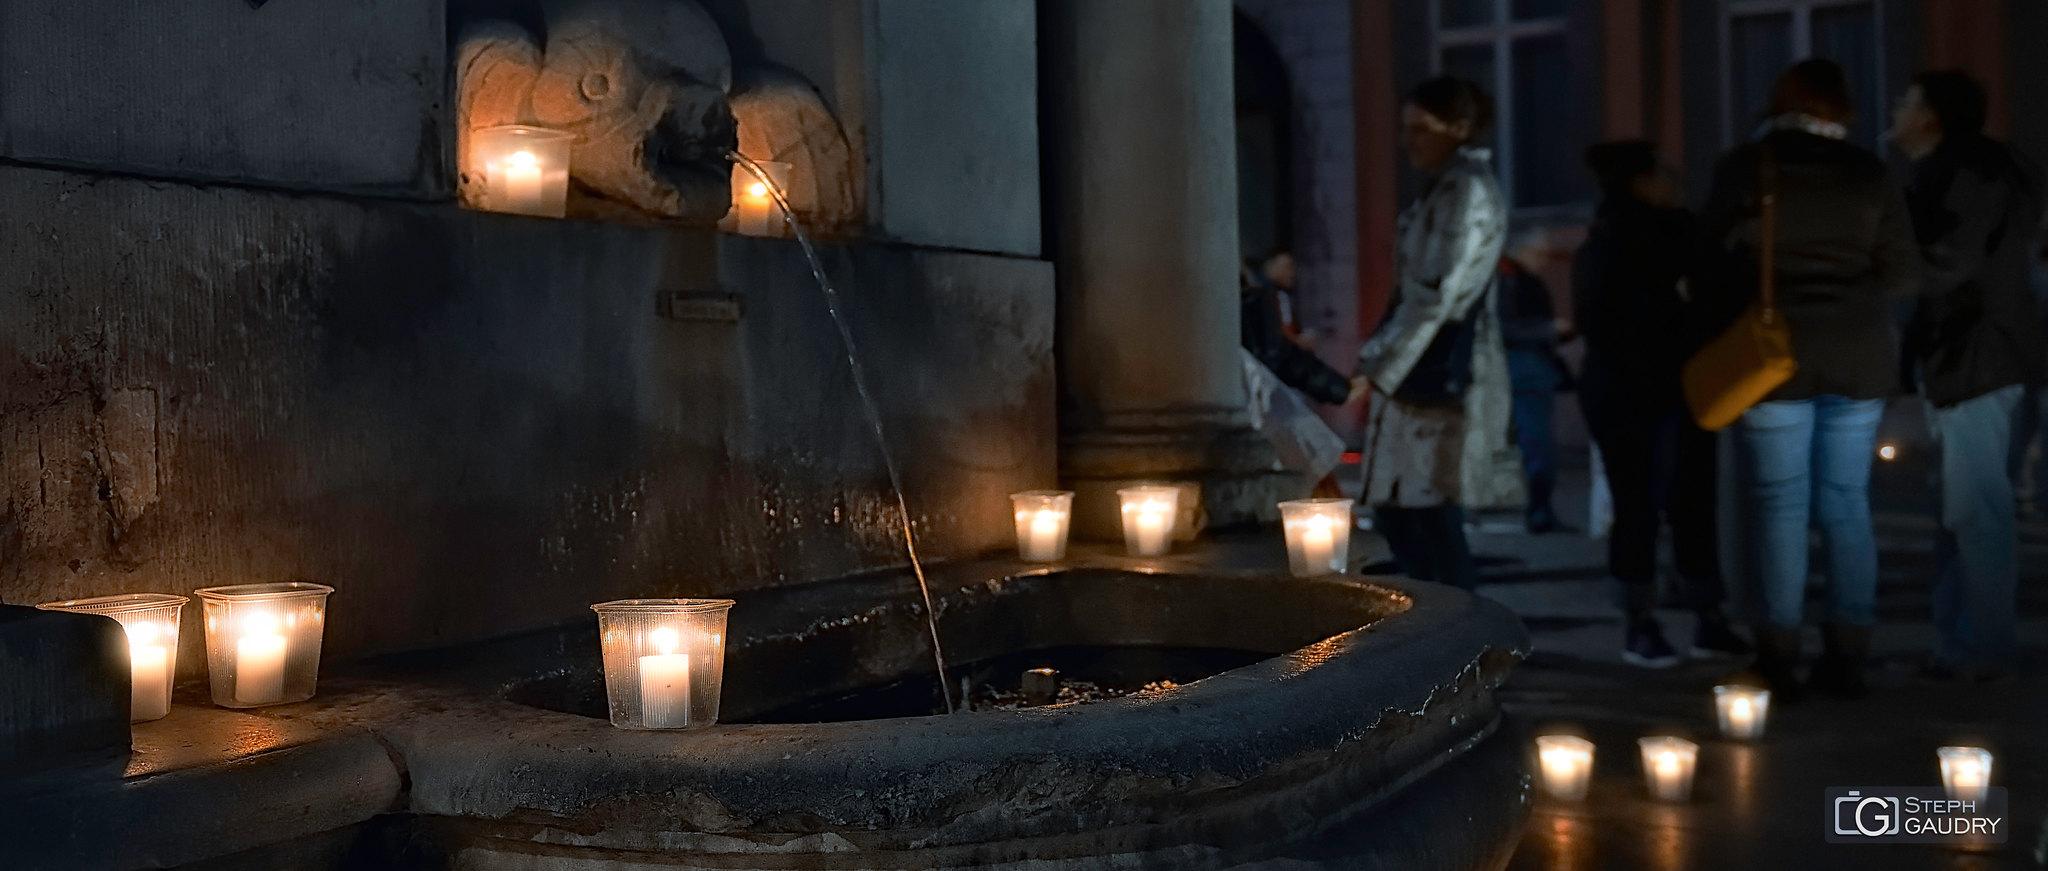 Nocturne des coteaux @ Fontaine Saint-Jean-Baptiste (face Est) [Click to start slideshow]